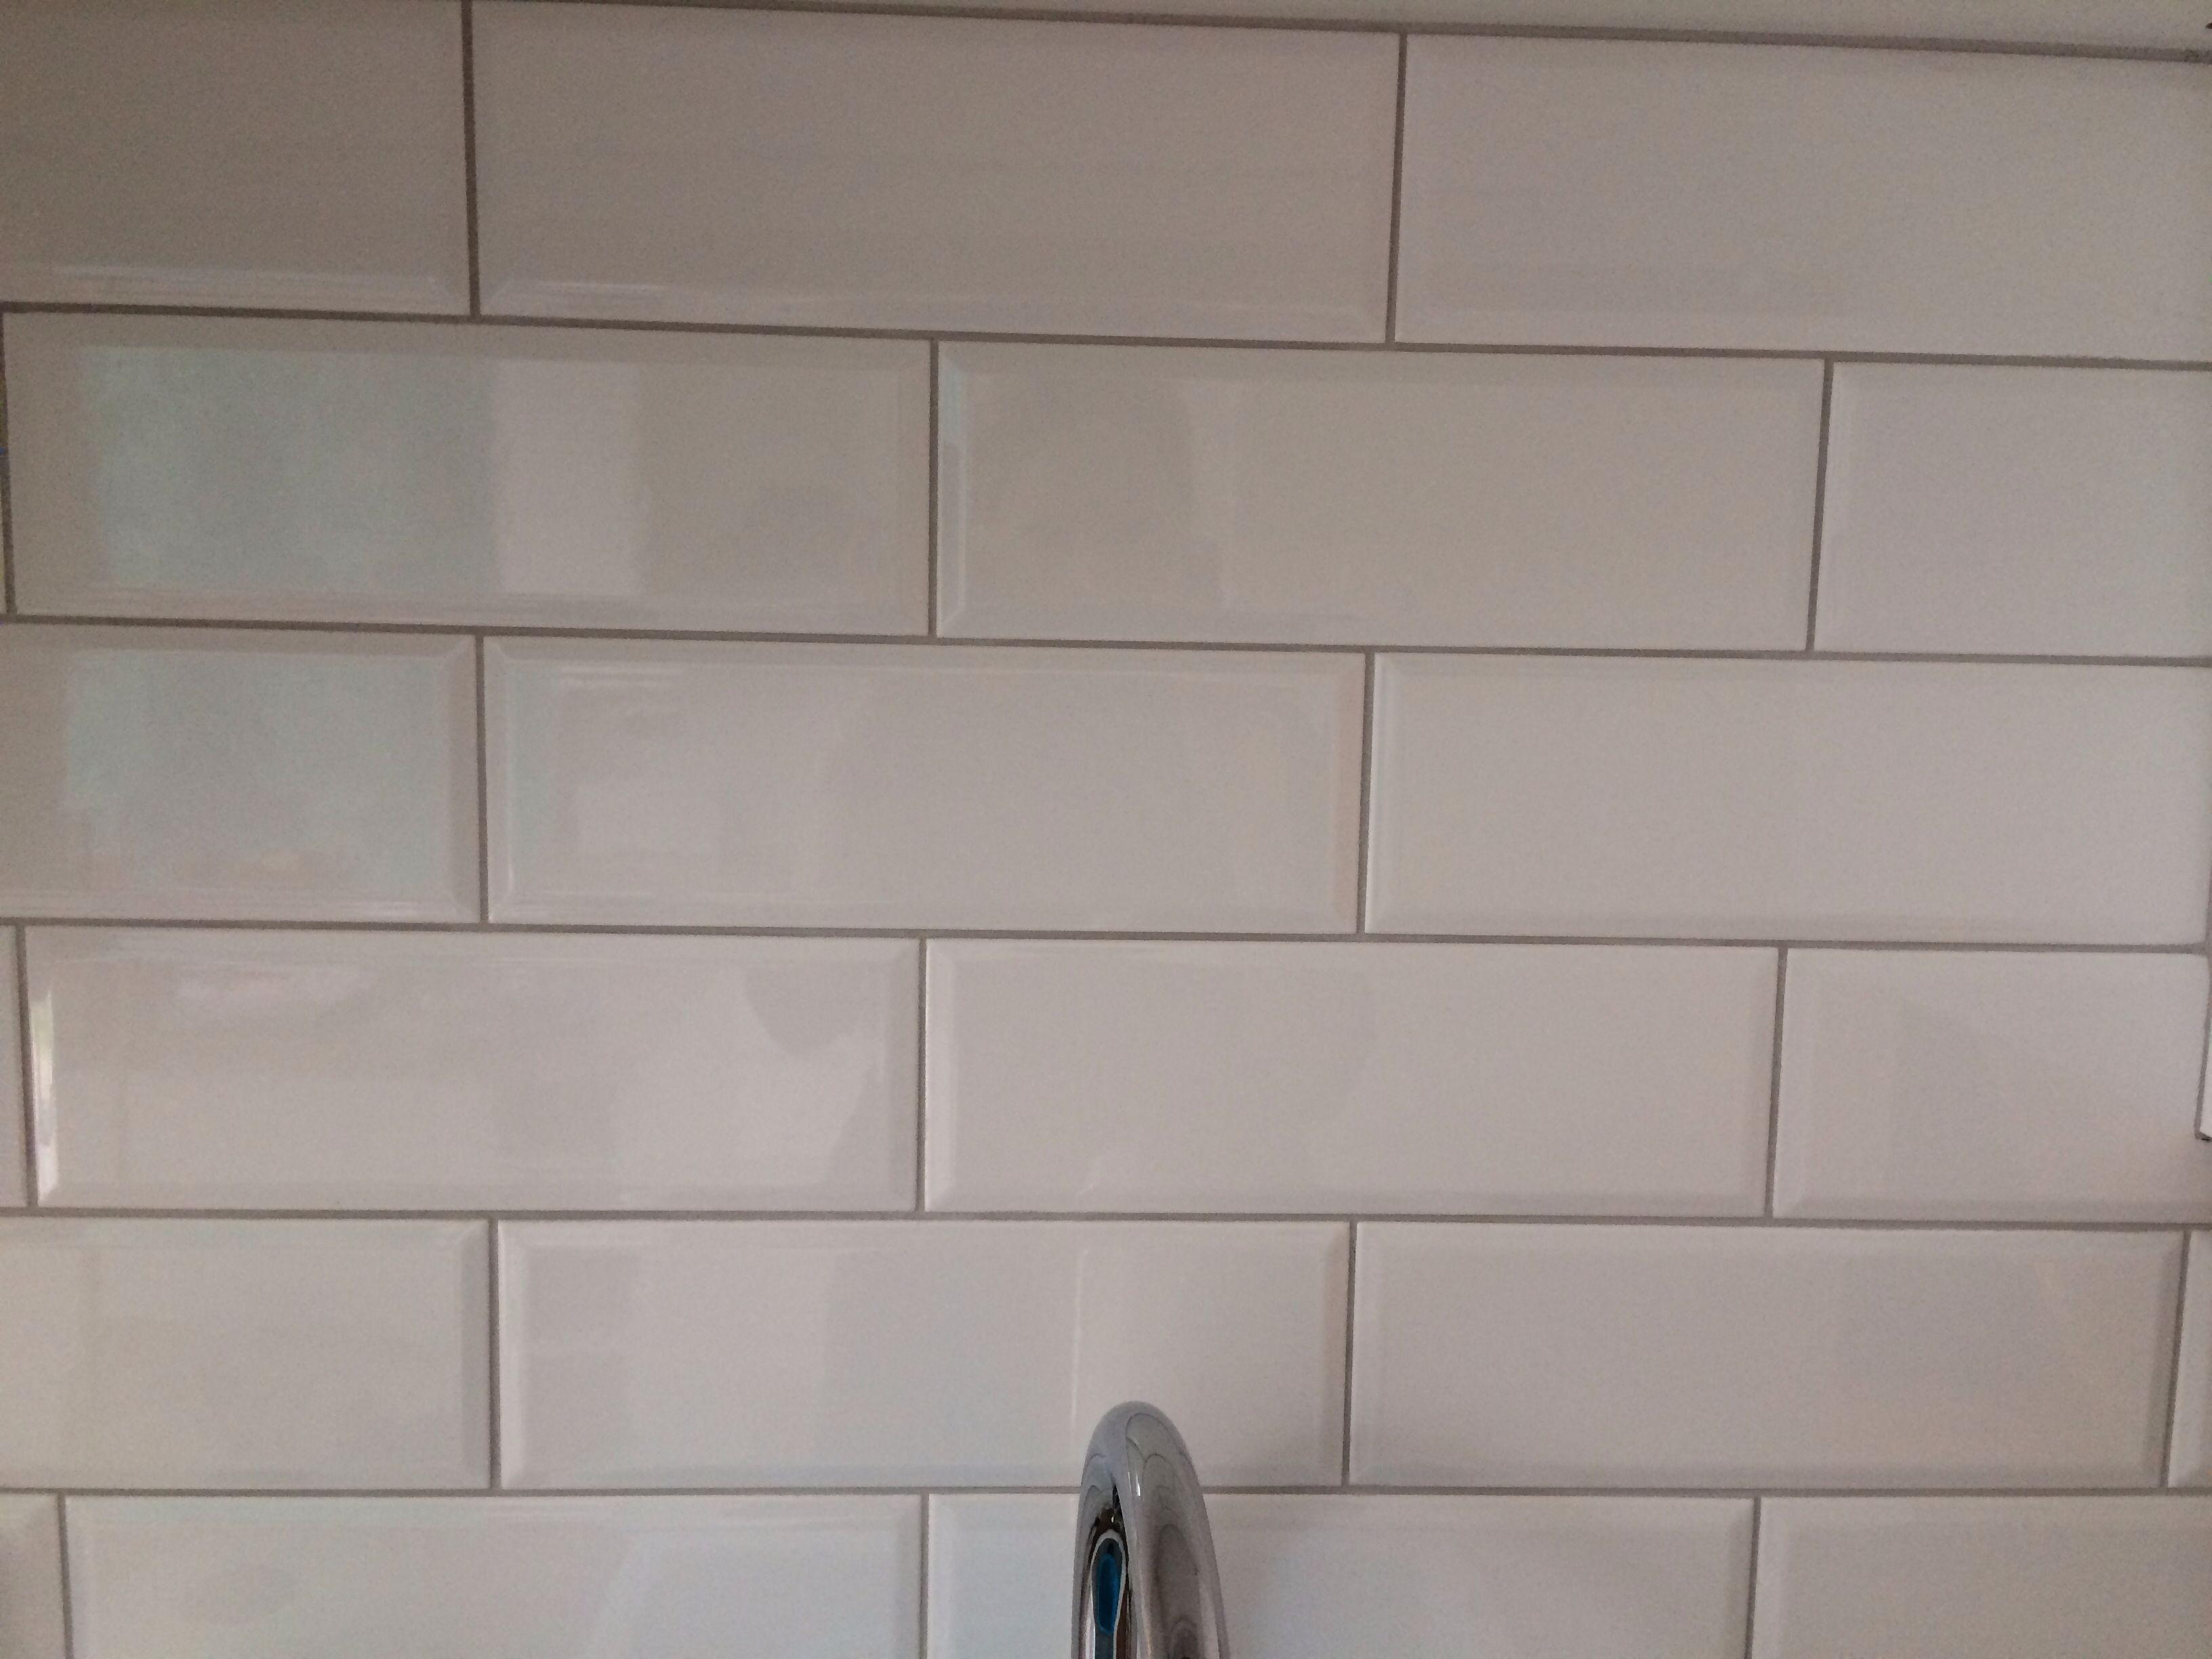 White Gloss Metro Tiles Topps Tiles With Gunmetal Grout Topps Tiles White Bathroom Tiles Green Kitchen Decor